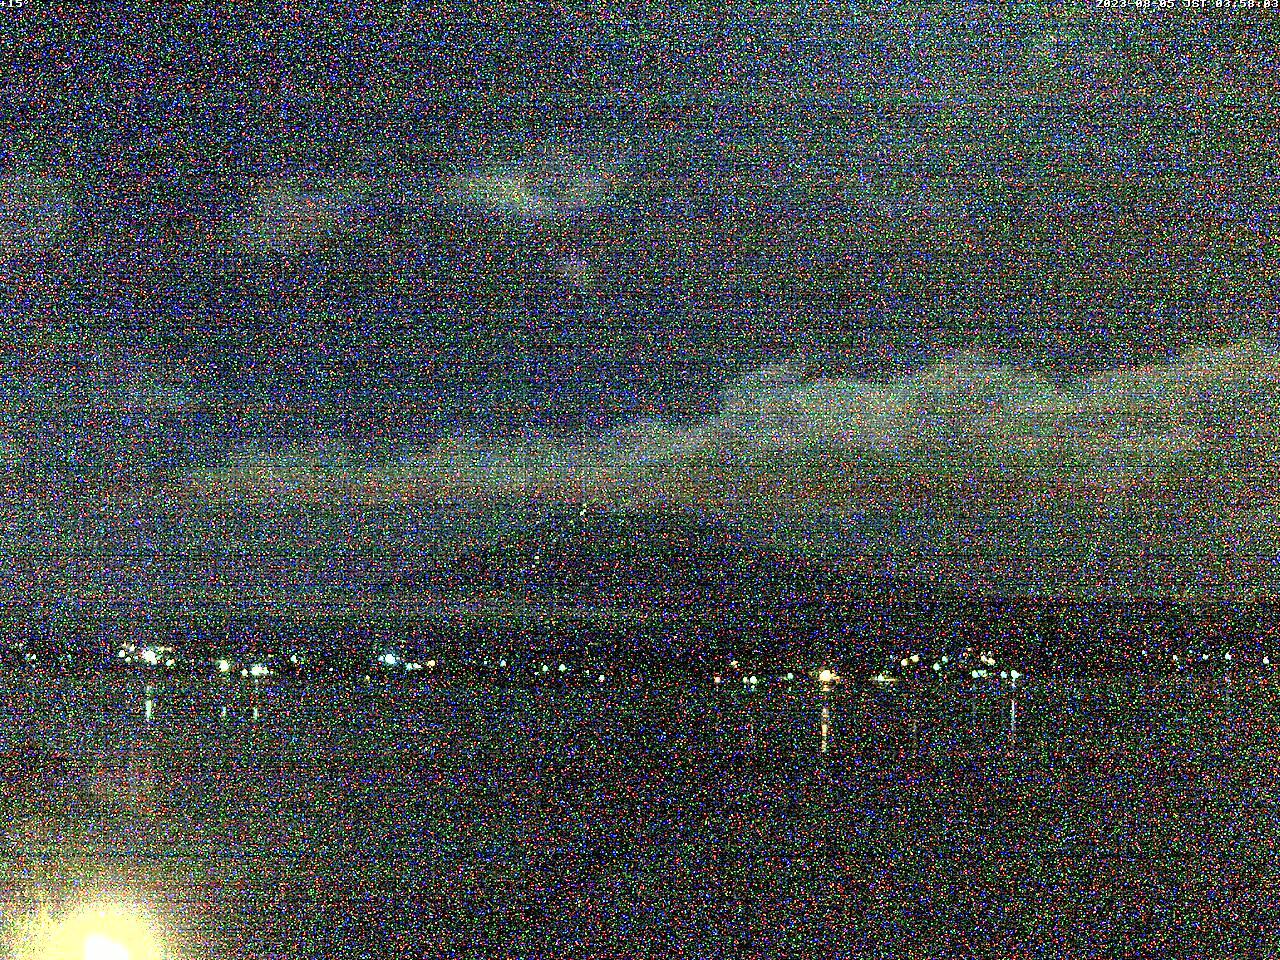 富士山ライブカメラ(河口湖北岸カメラ)